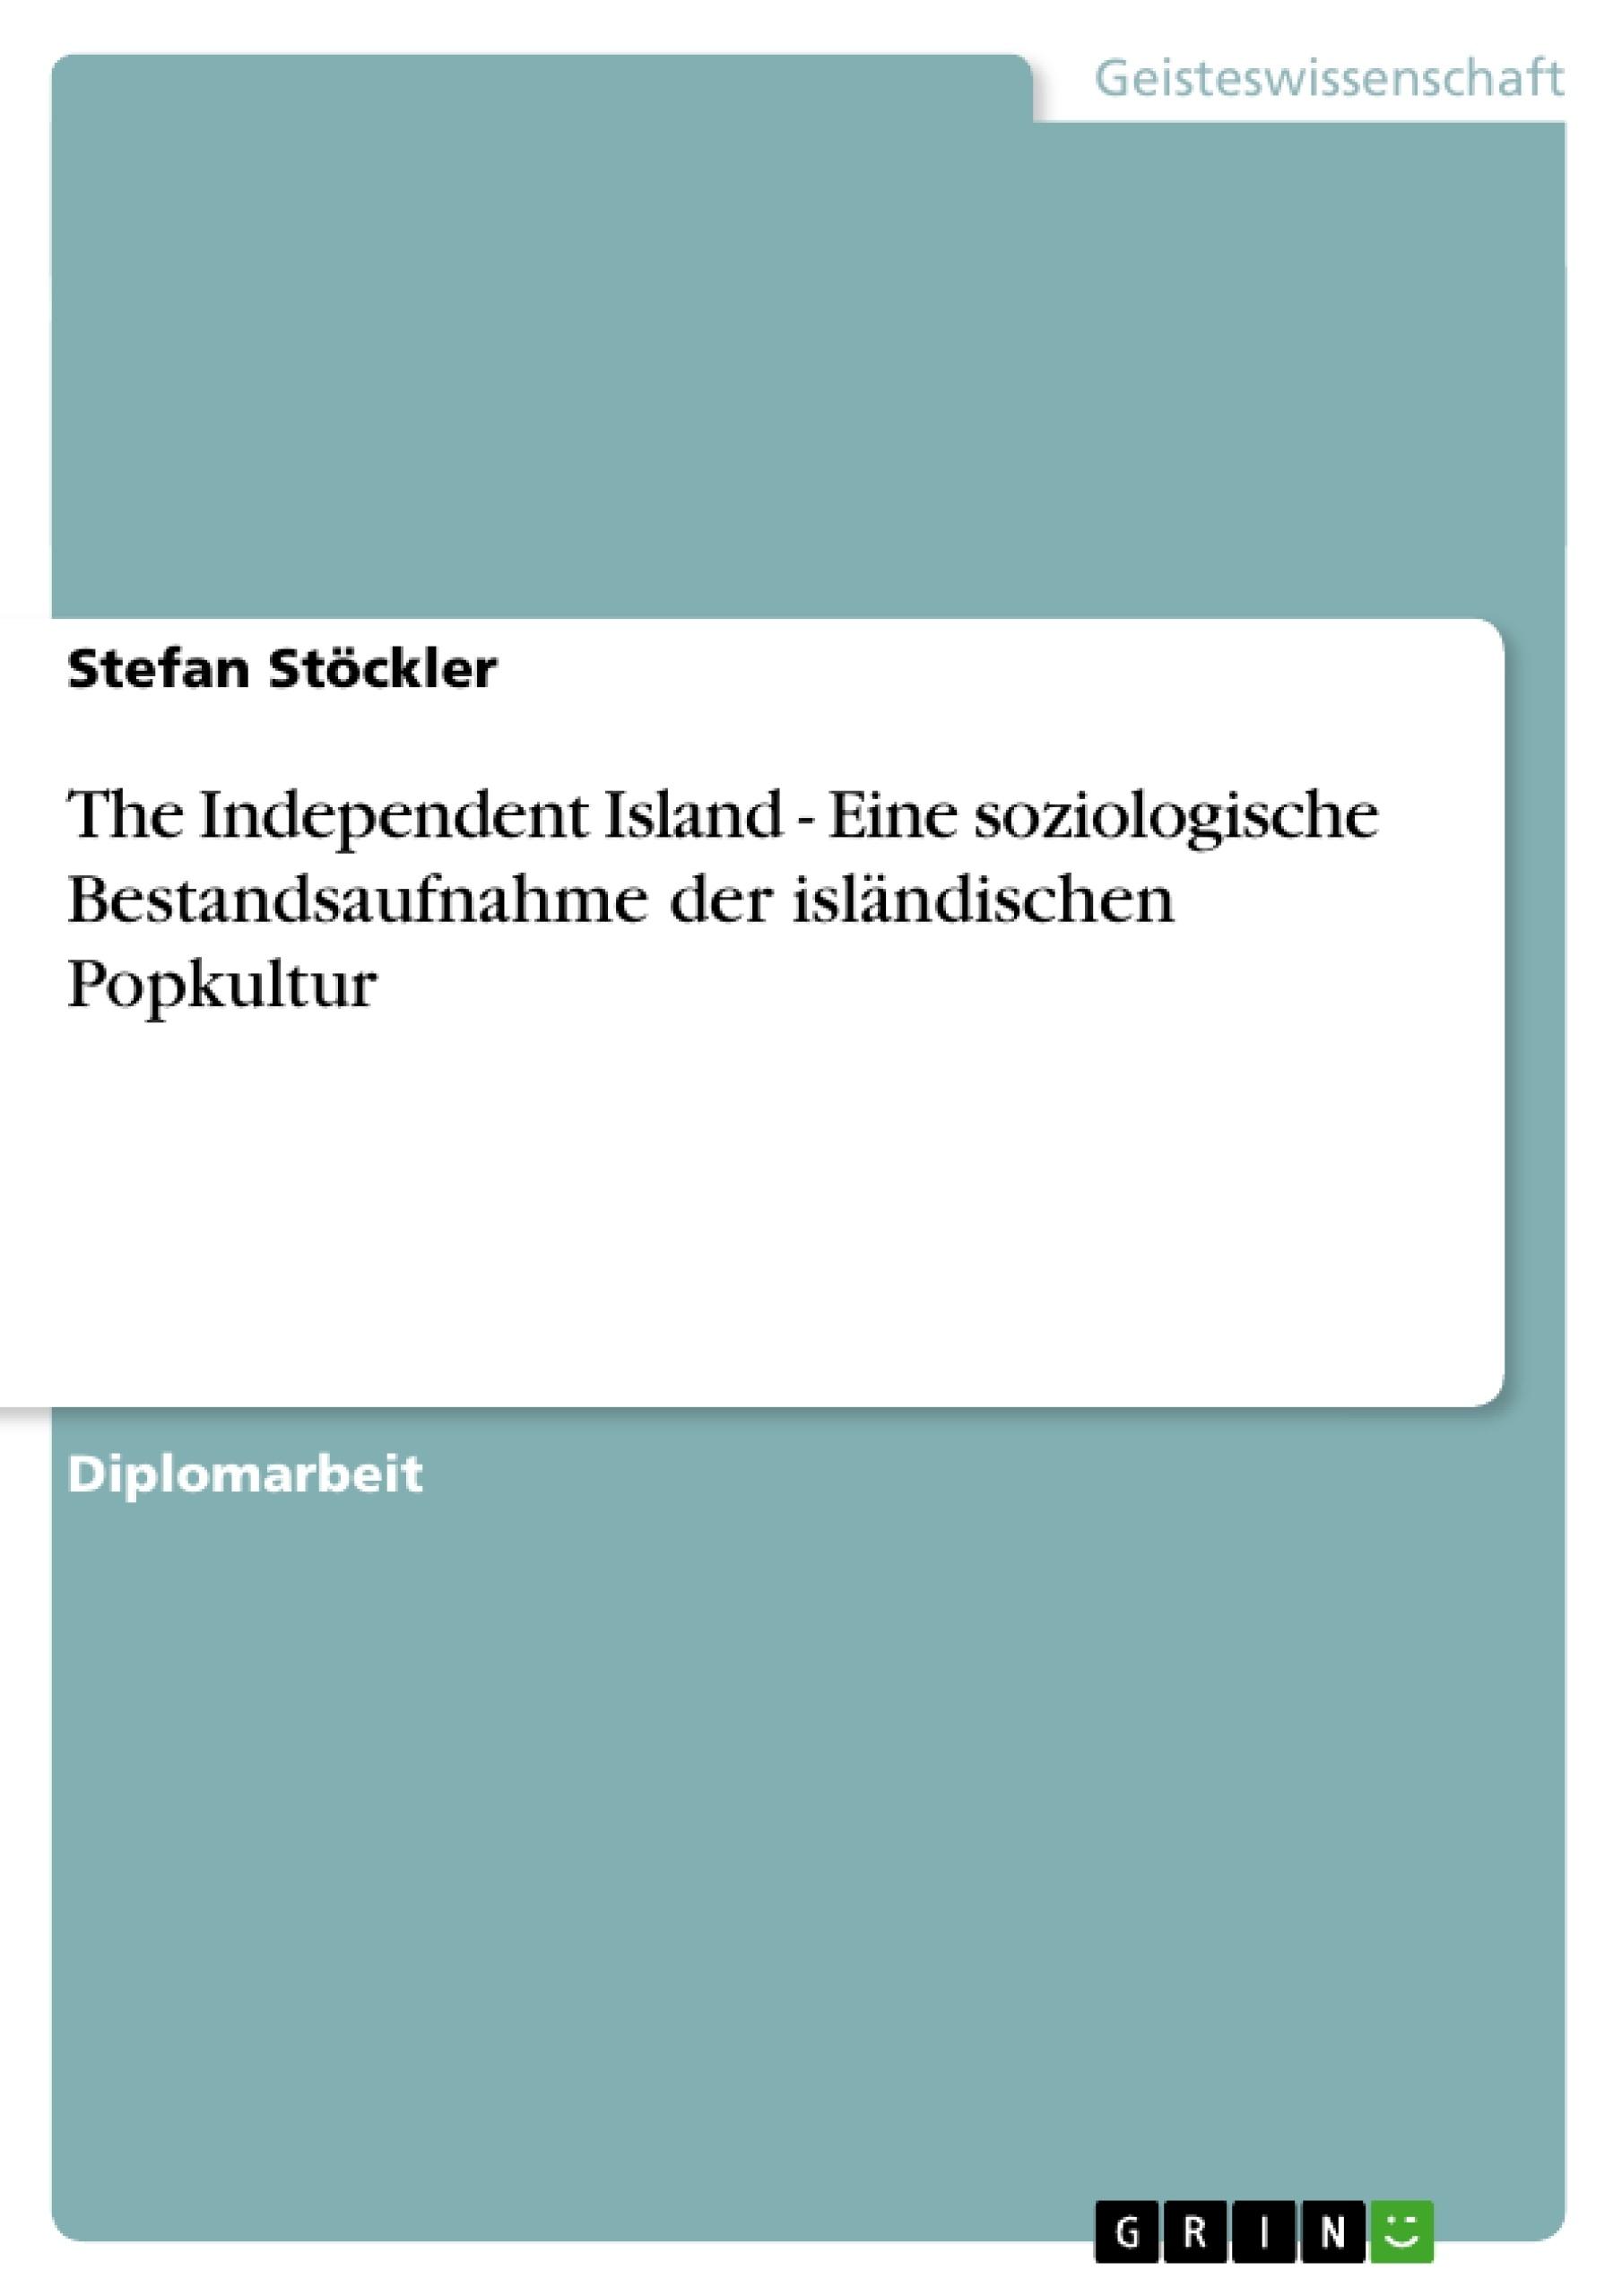 Titel: The Independent Island - Eine soziologische Bestandsaufnahme der isländischen Popkultur